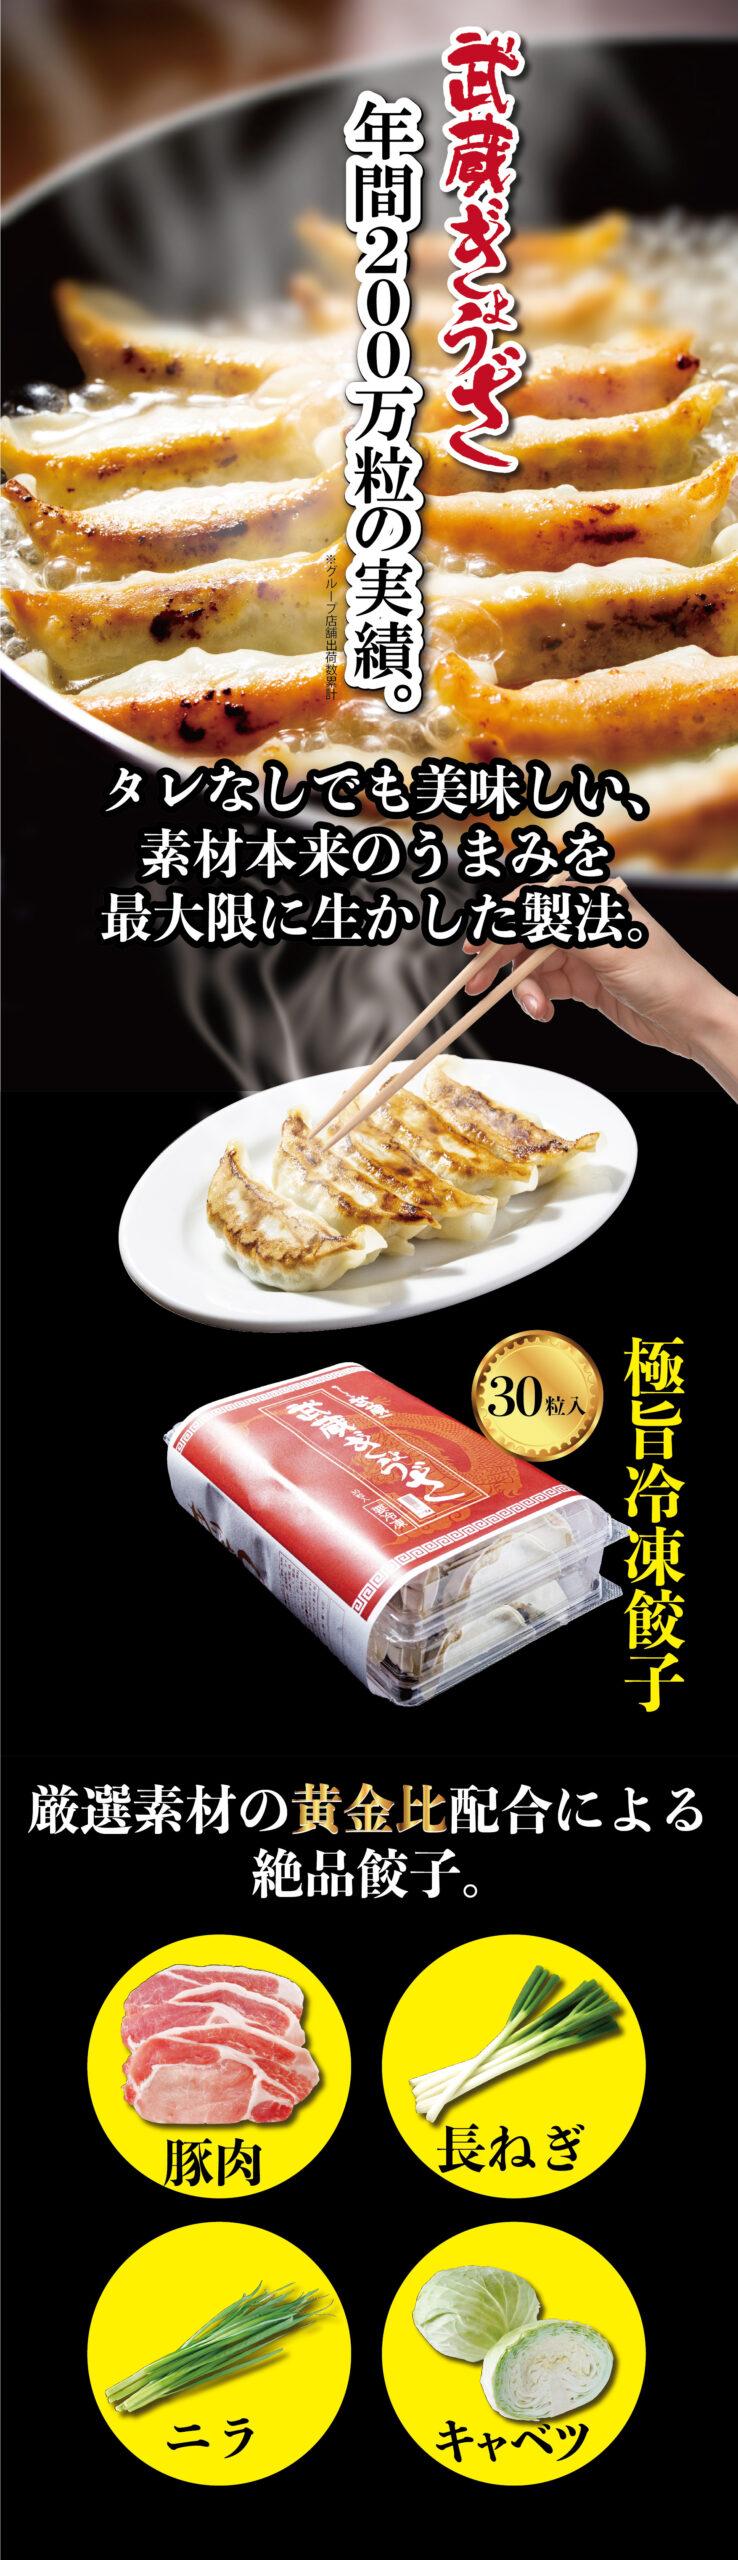 ちゃーしゅうや武蔵_通販餃子